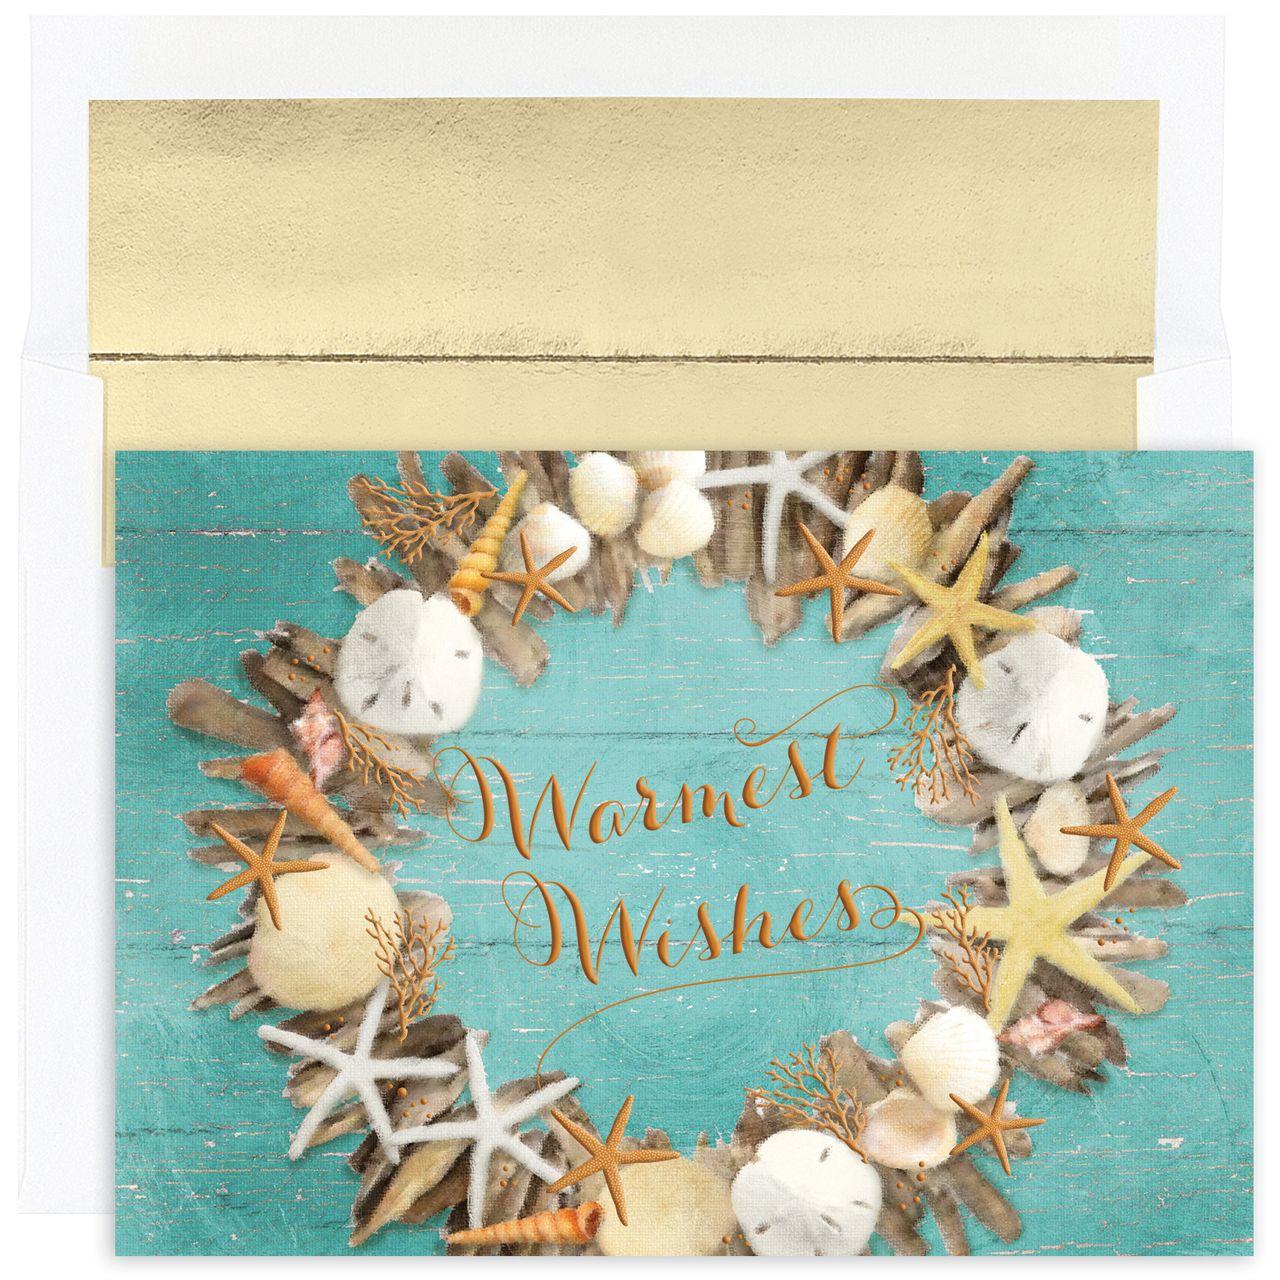 MyCards4Less - Coastal Wreath Tropical Christmas Cards, $16.00 (http ...